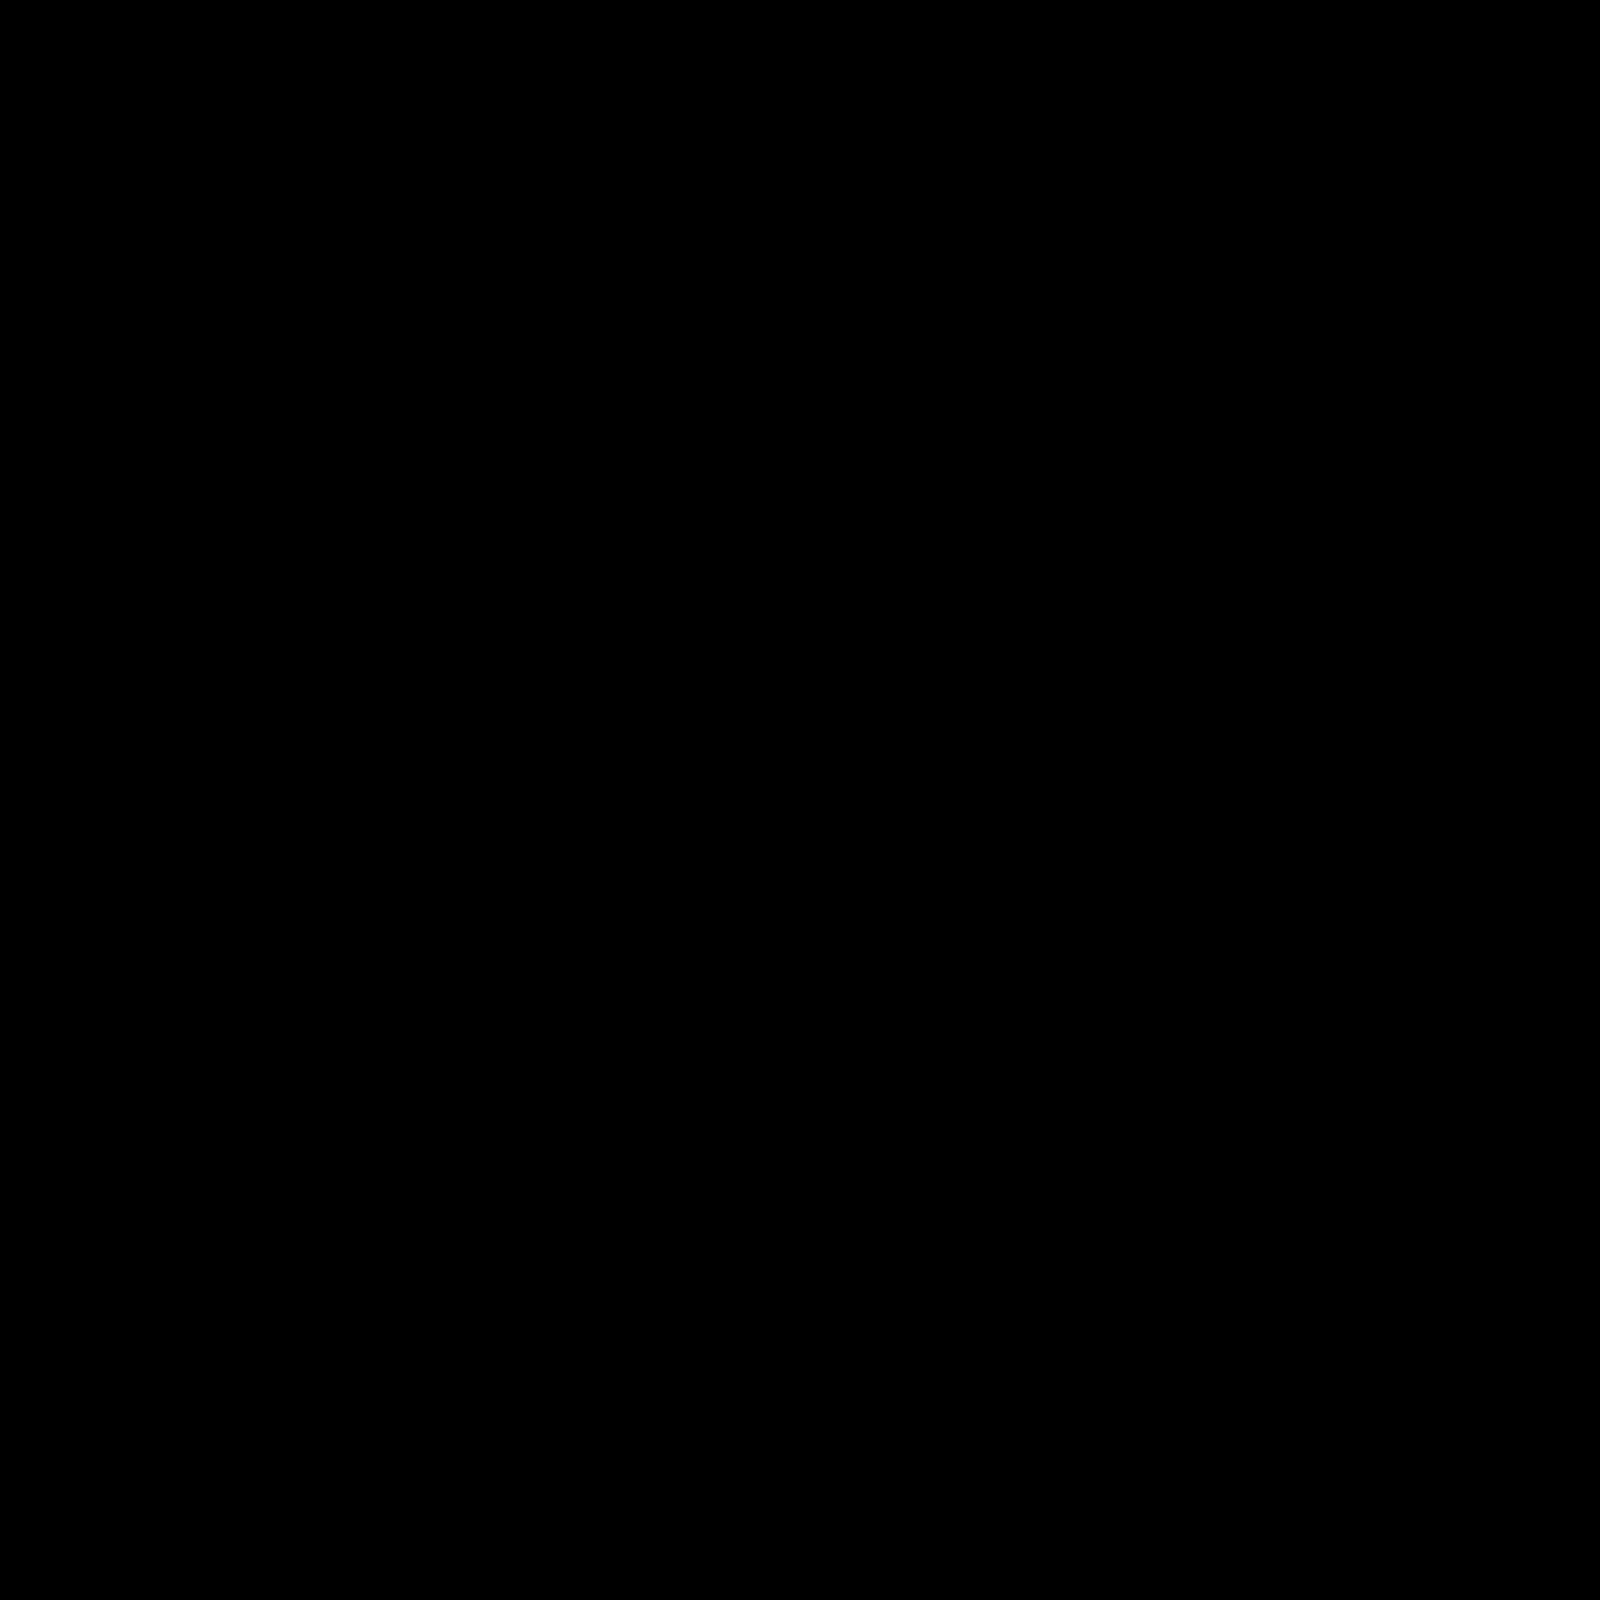 0 Degrees icon